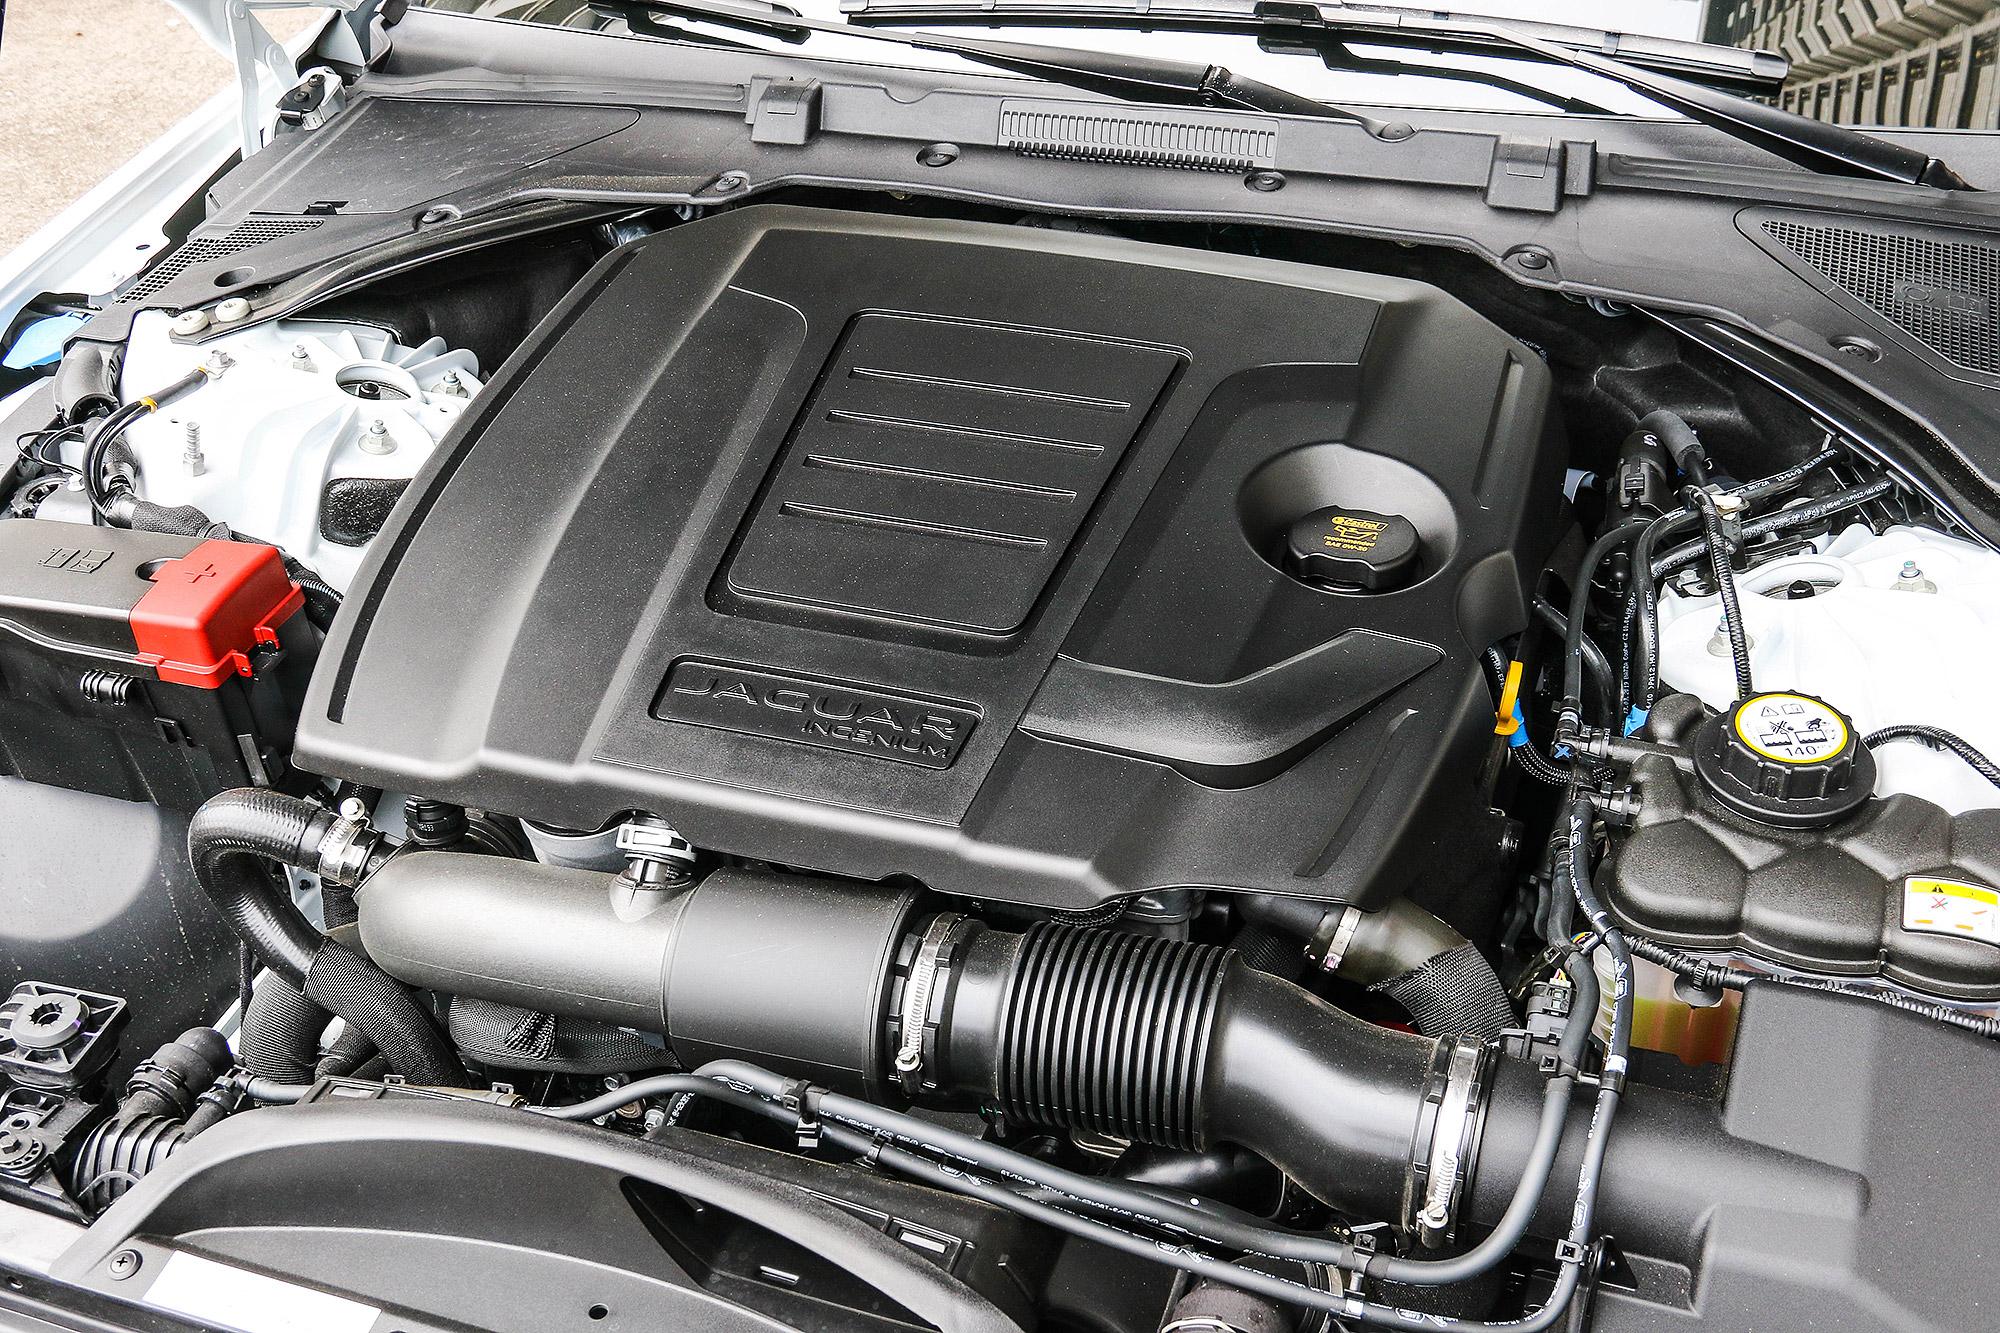 小改款 XE 在台灣以 2.0 升直 4 渦輪增壓引擎為主要動力來源。